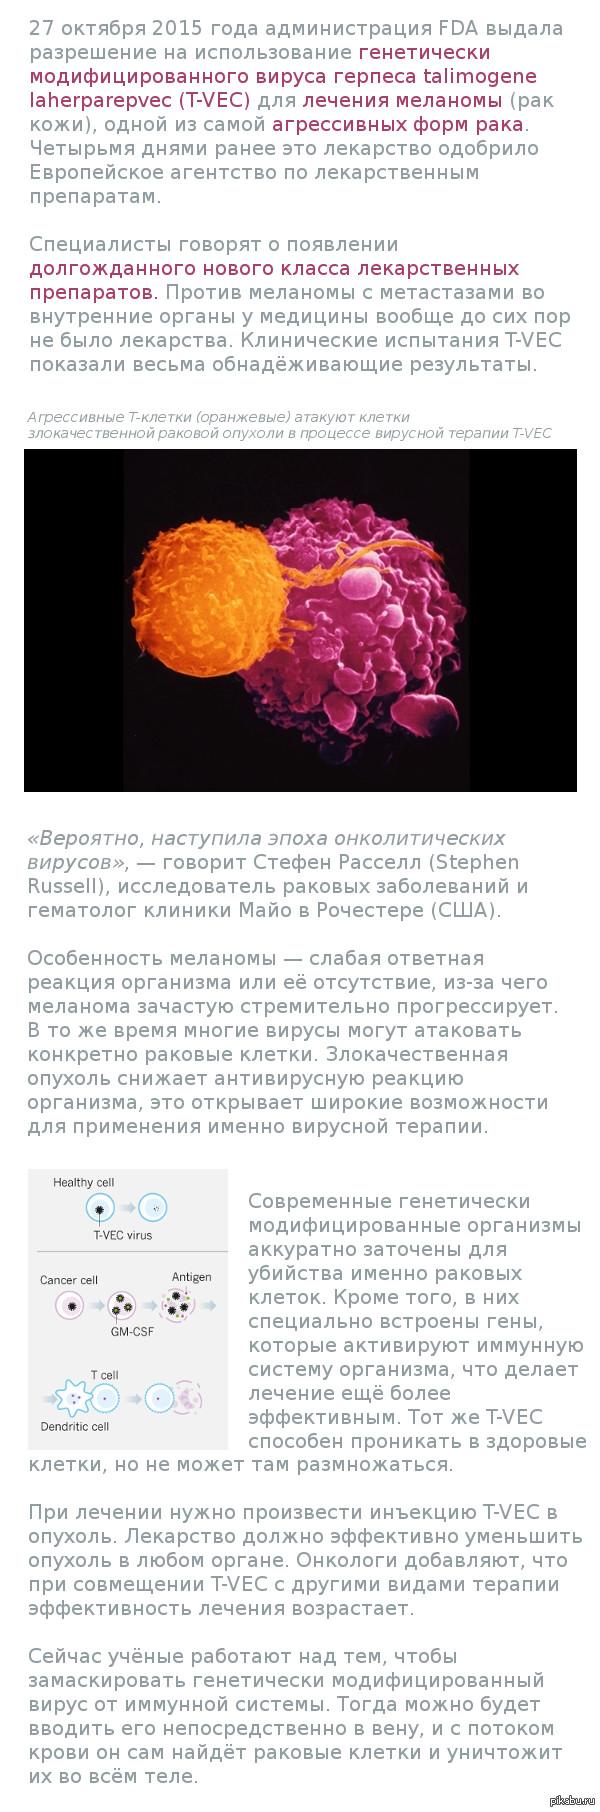 Вот это круто! Первый генетически модифицированный вирус одобрен для лечения рака. Взято с geektimes.